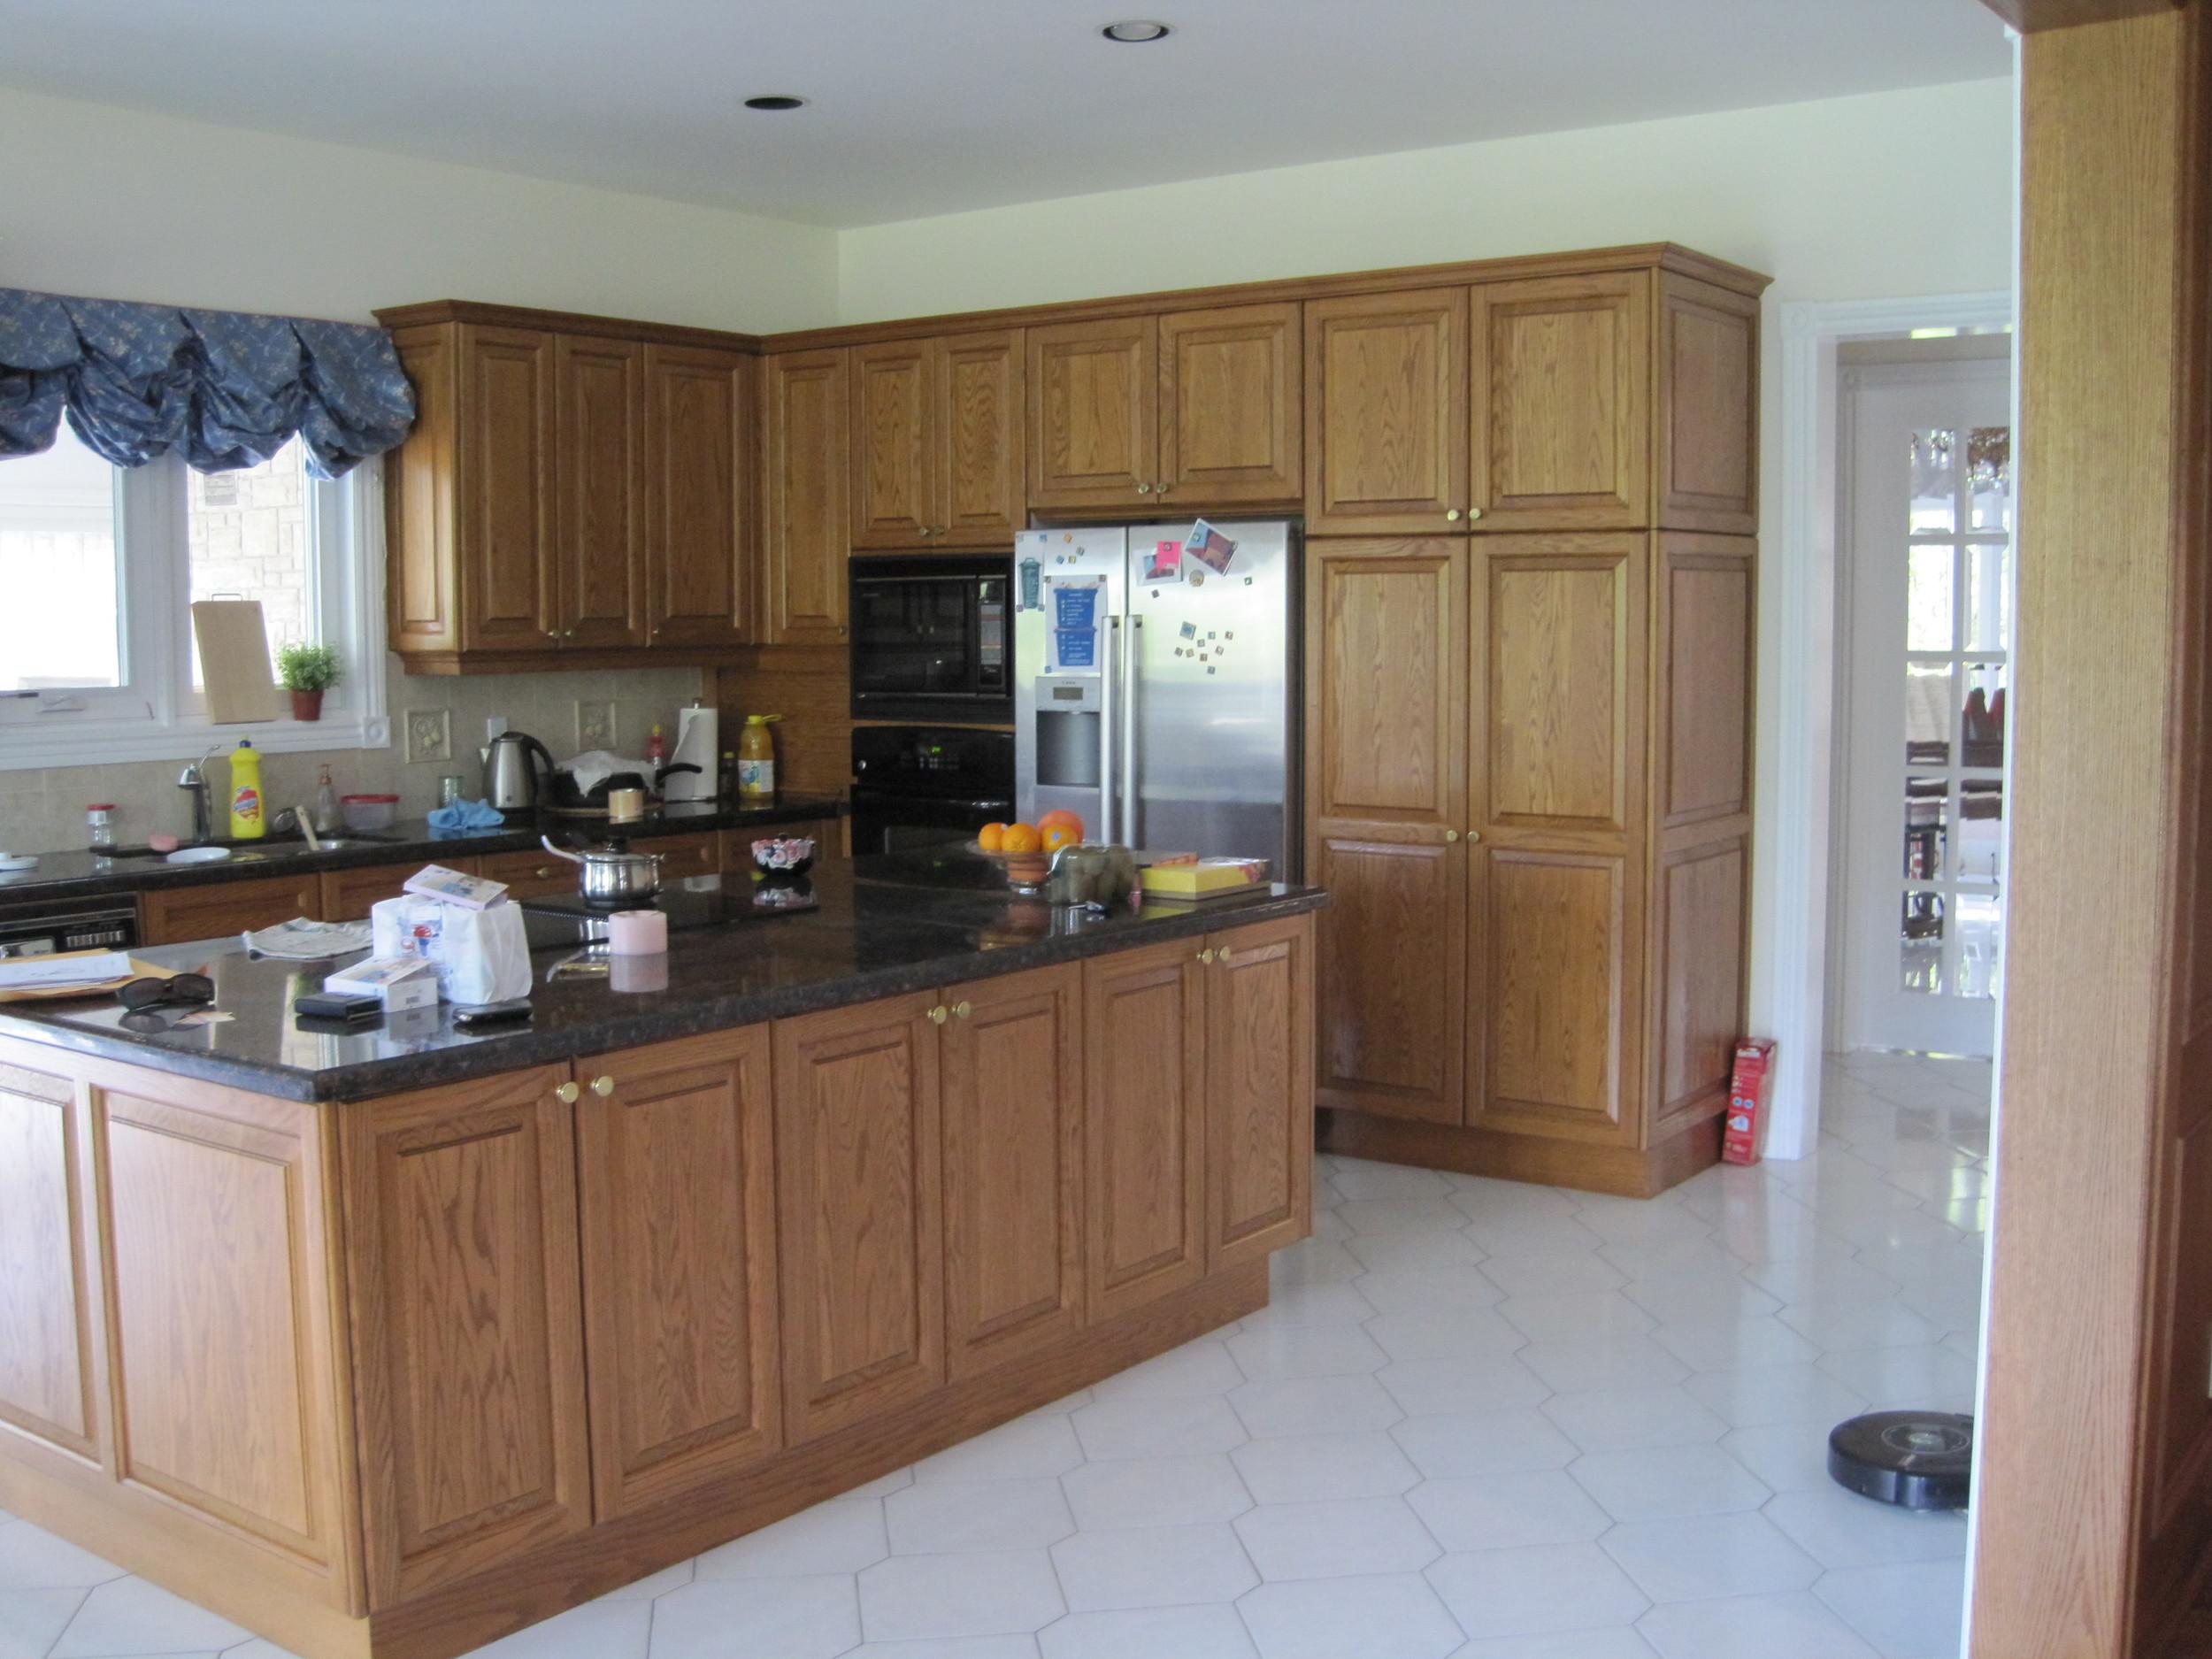 1 Client Site Pics 011.jpg